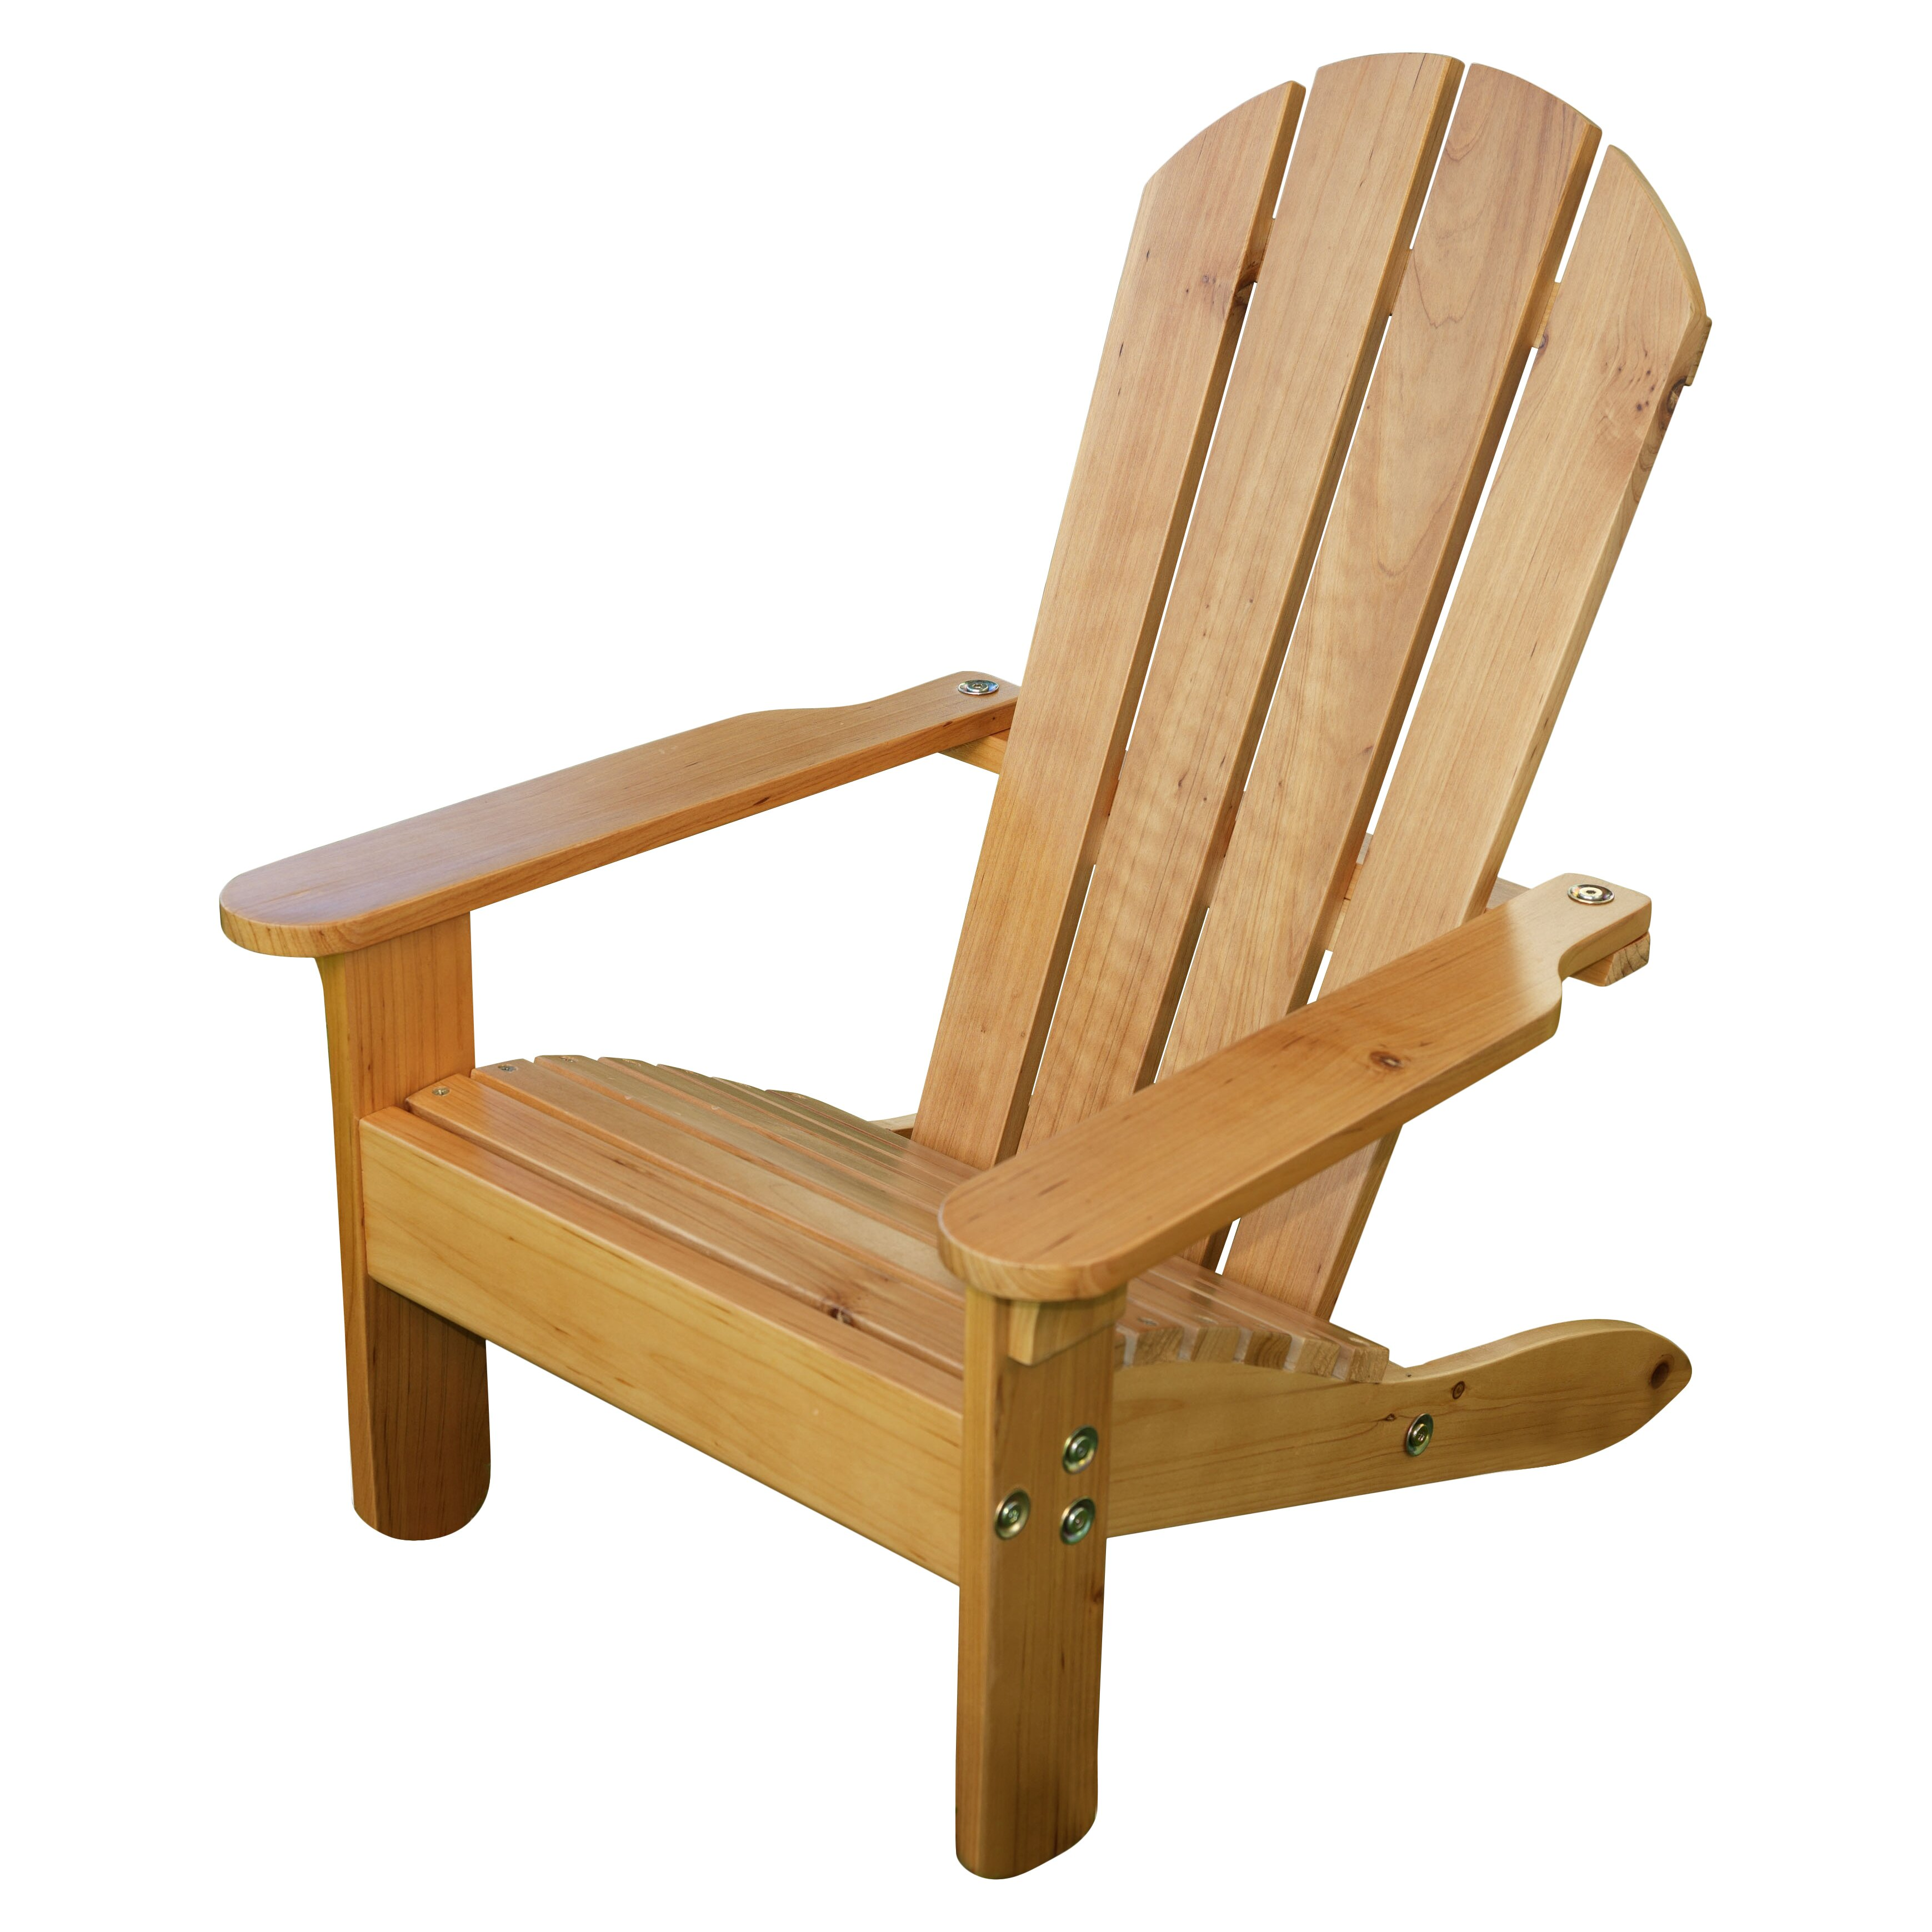 Kidkraft Outdoor Furniture